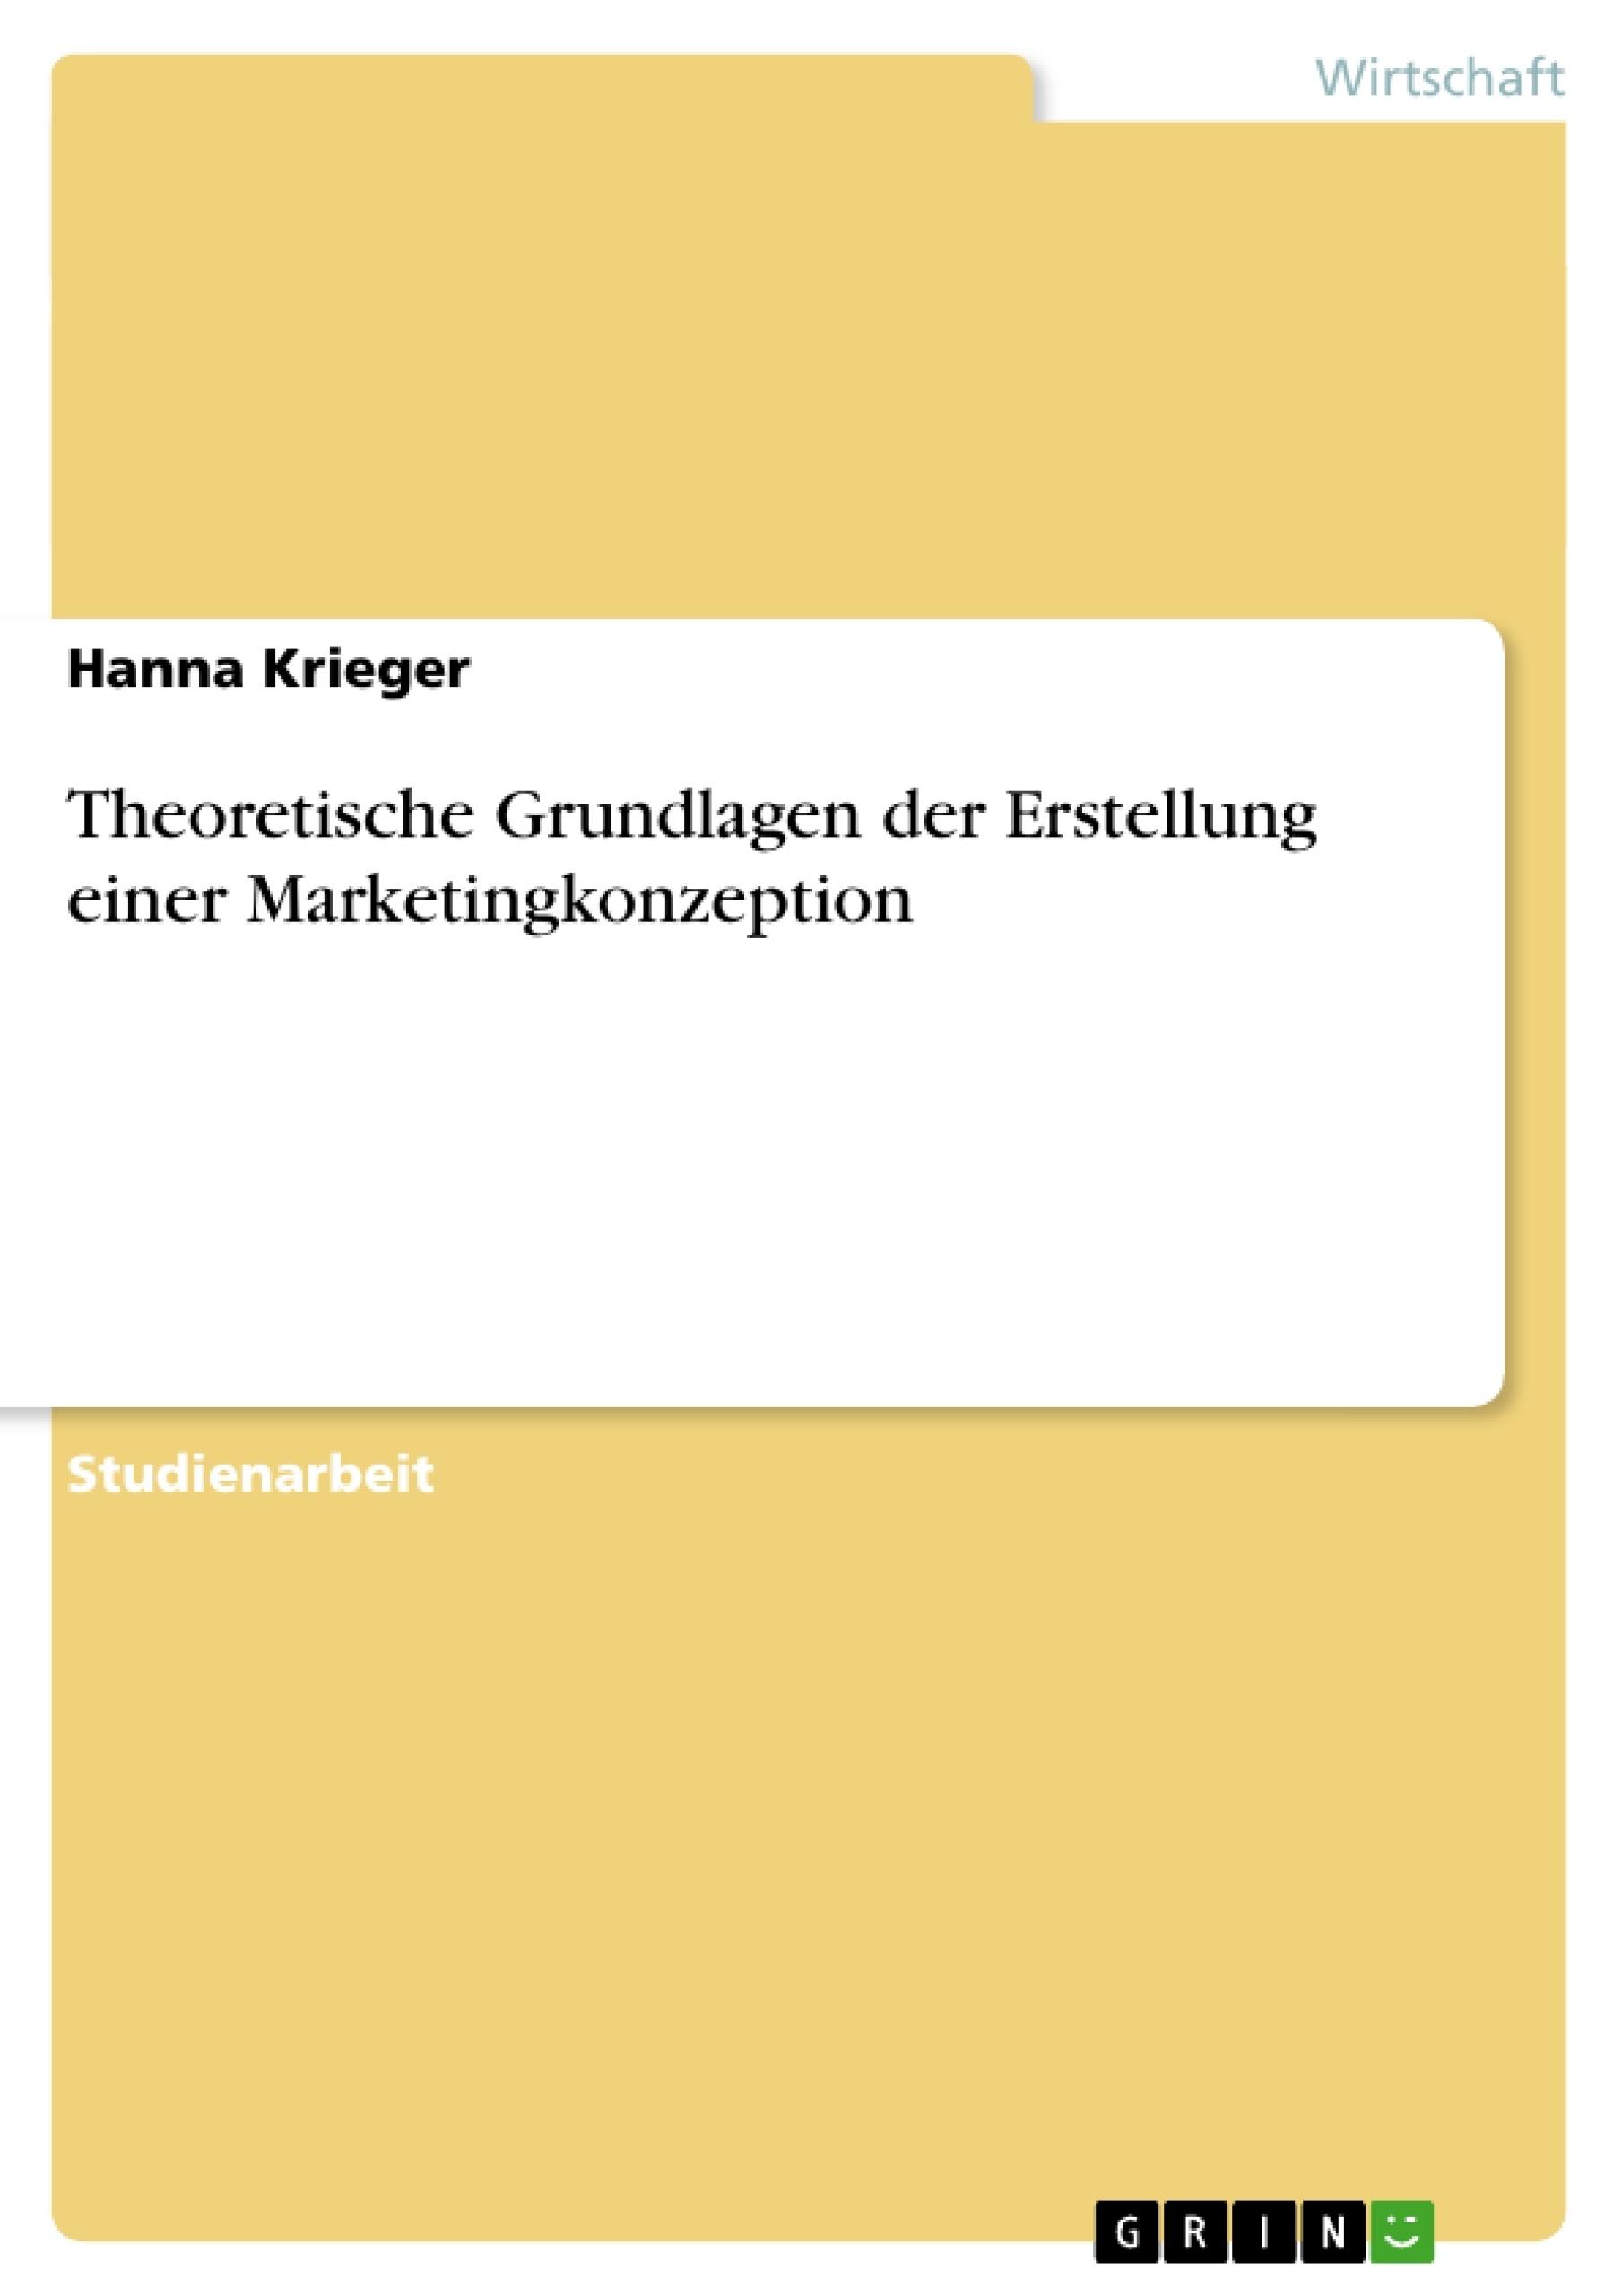 Titel: Theoretische Grundlagen der Erstellung einer Marketingkonzeption